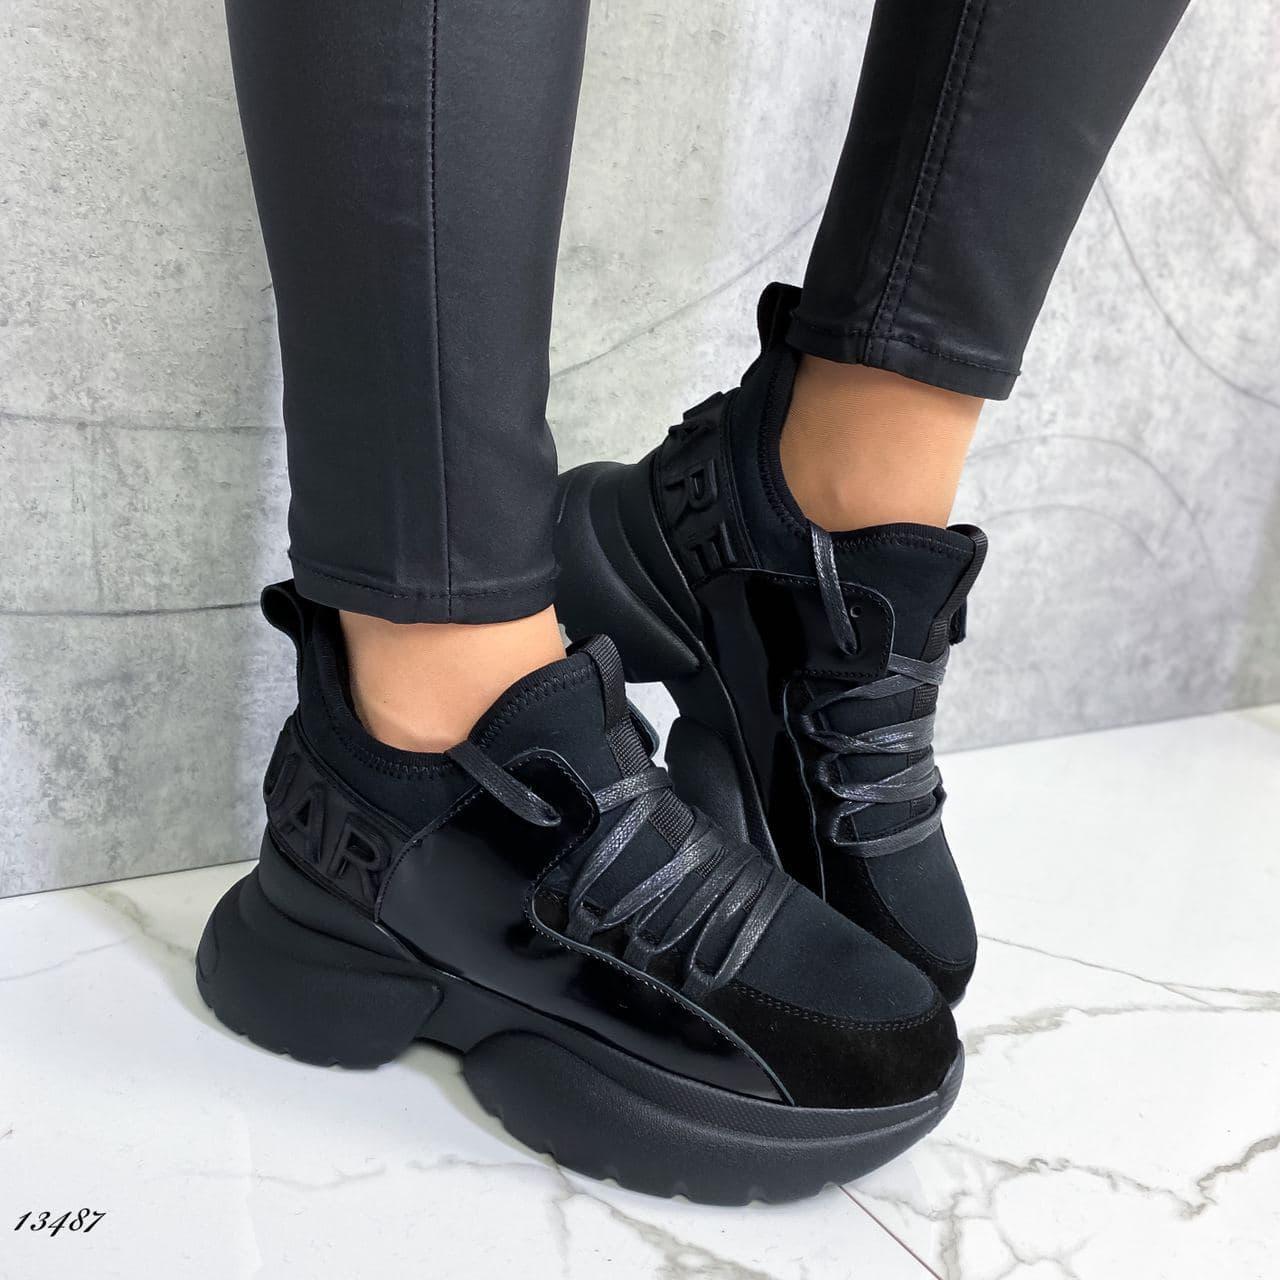 Женские кроссовки на байке чёрные